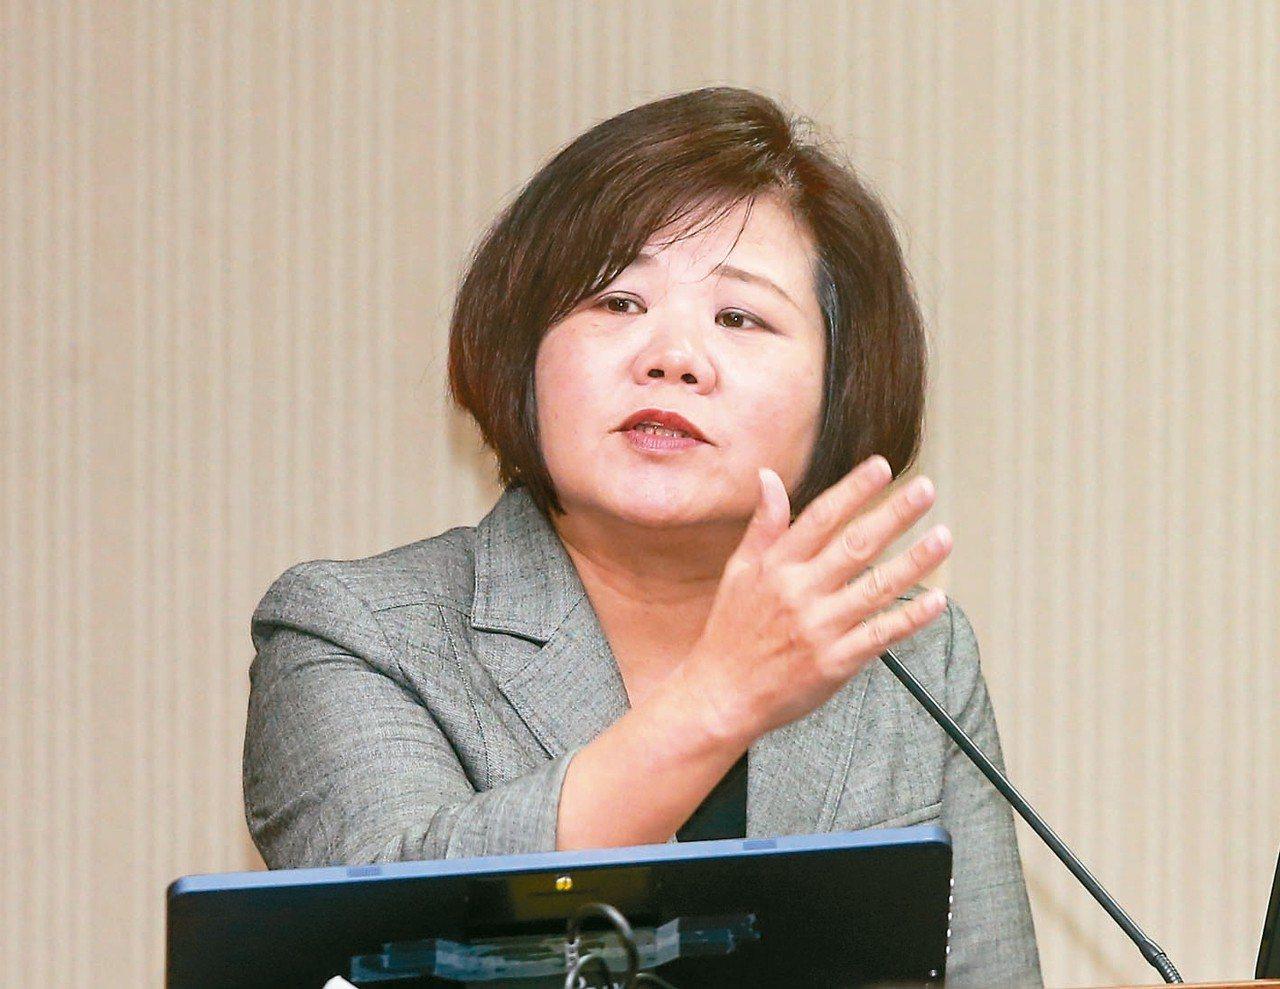 勞動部長許銘春 聯合報記者鄭清元/攝影